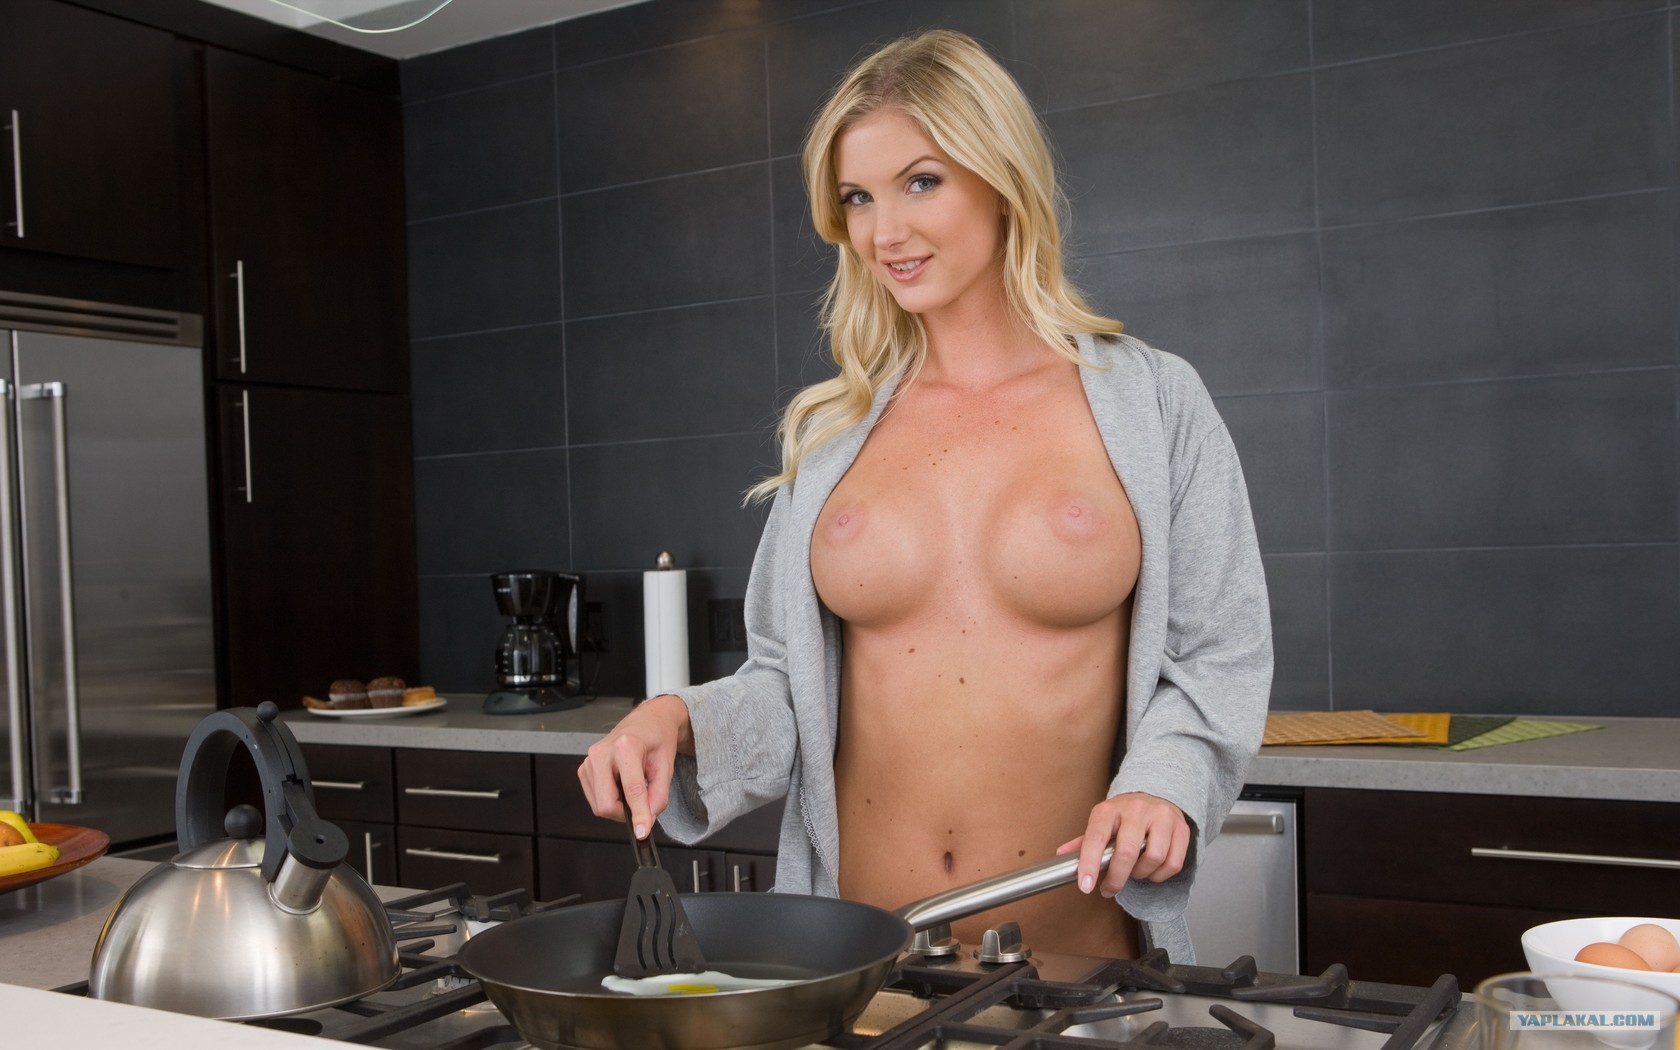 Соблпзнила на кухне в халатике порно 18 фотография